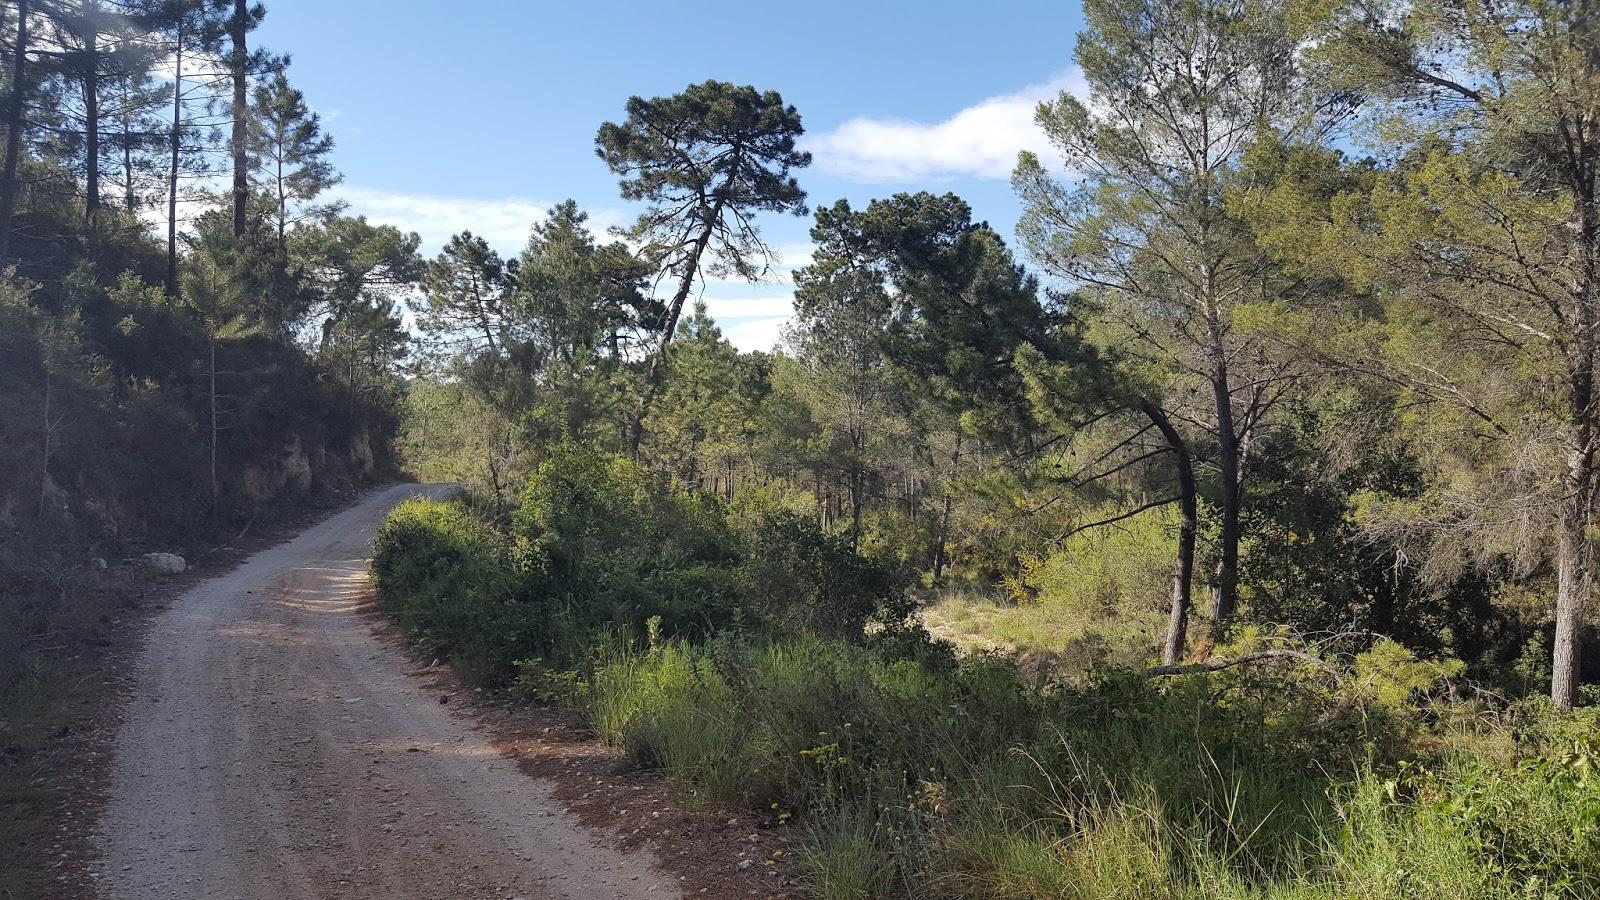 Cycling in Valencia - Cami de la Serra, Quatretonda